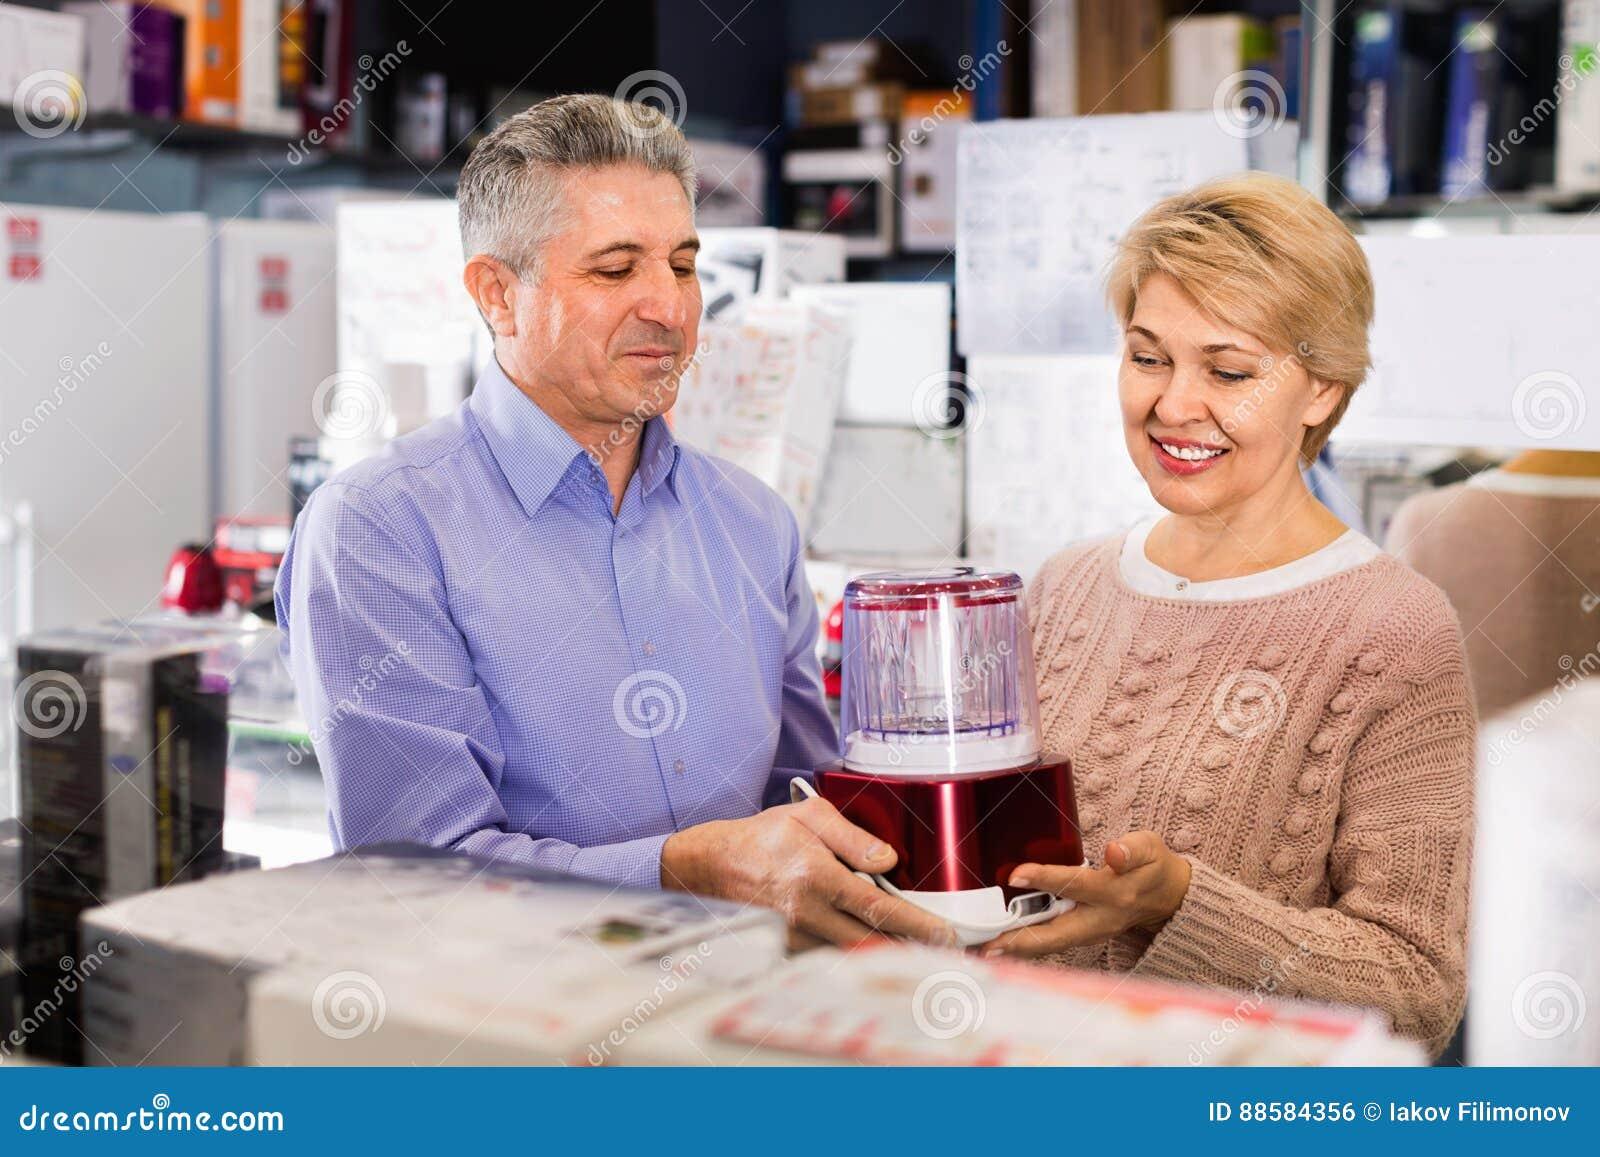 Il marito e la moglie in negozio degli elettrodomestici scelgono gli spremiagrumi